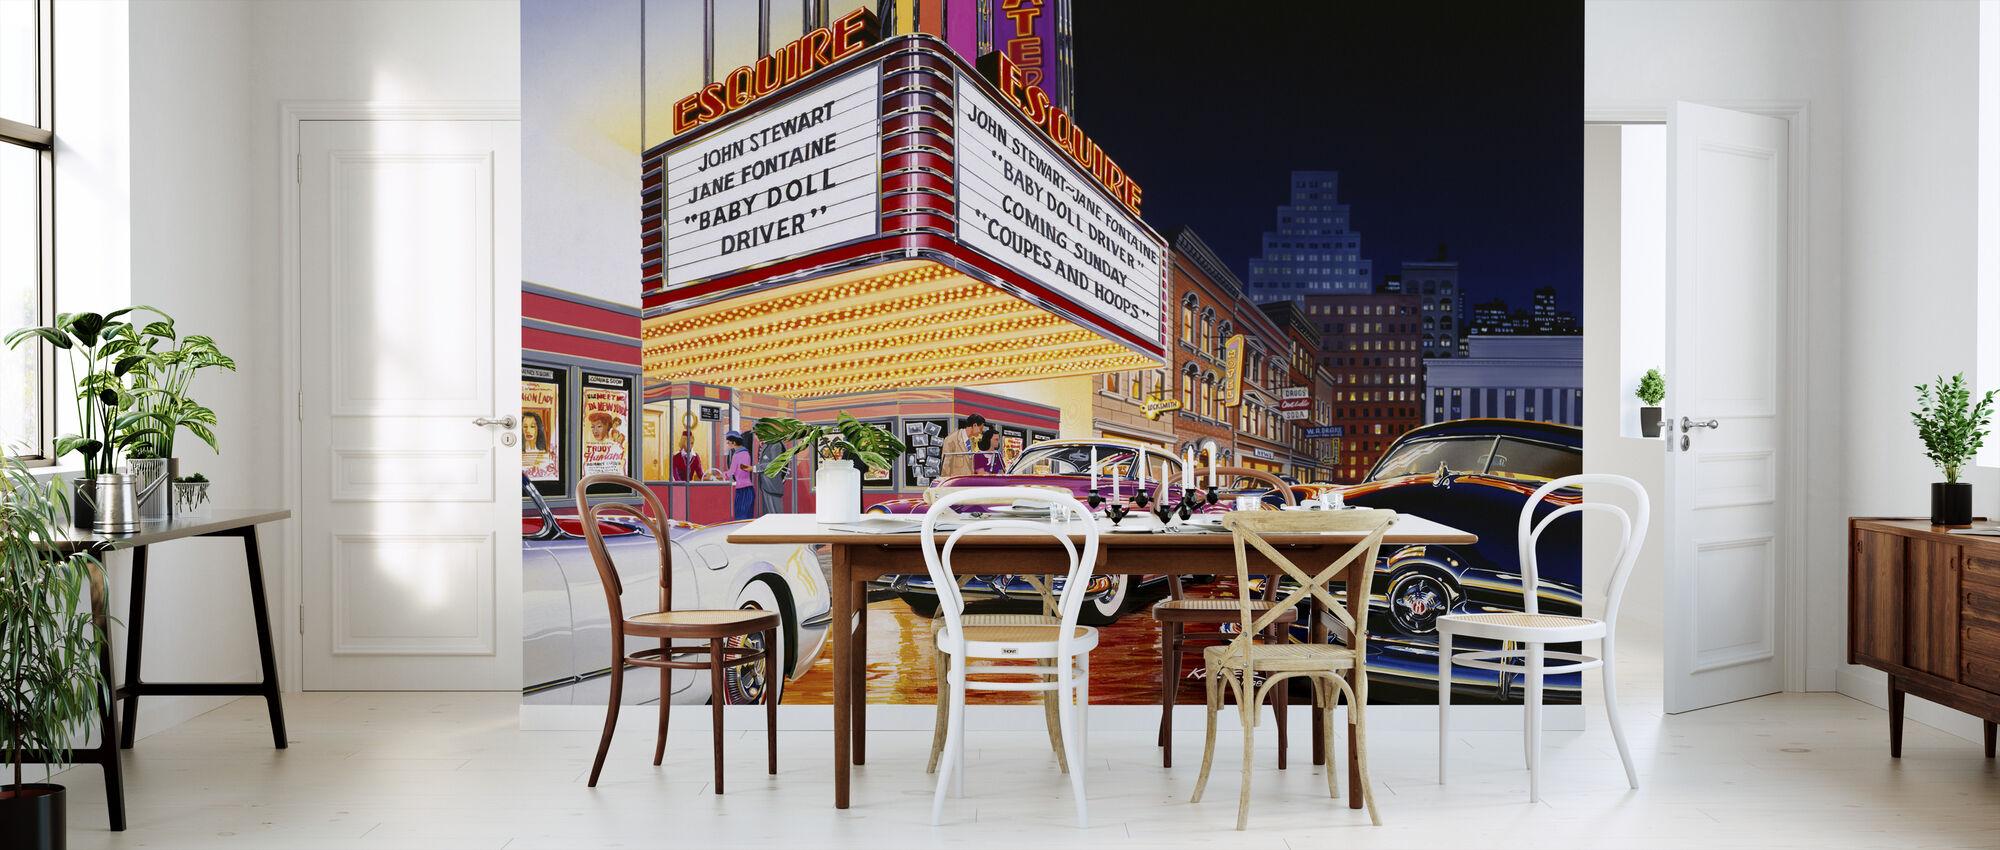 Esquire Teater - Tapet - Kjøkken